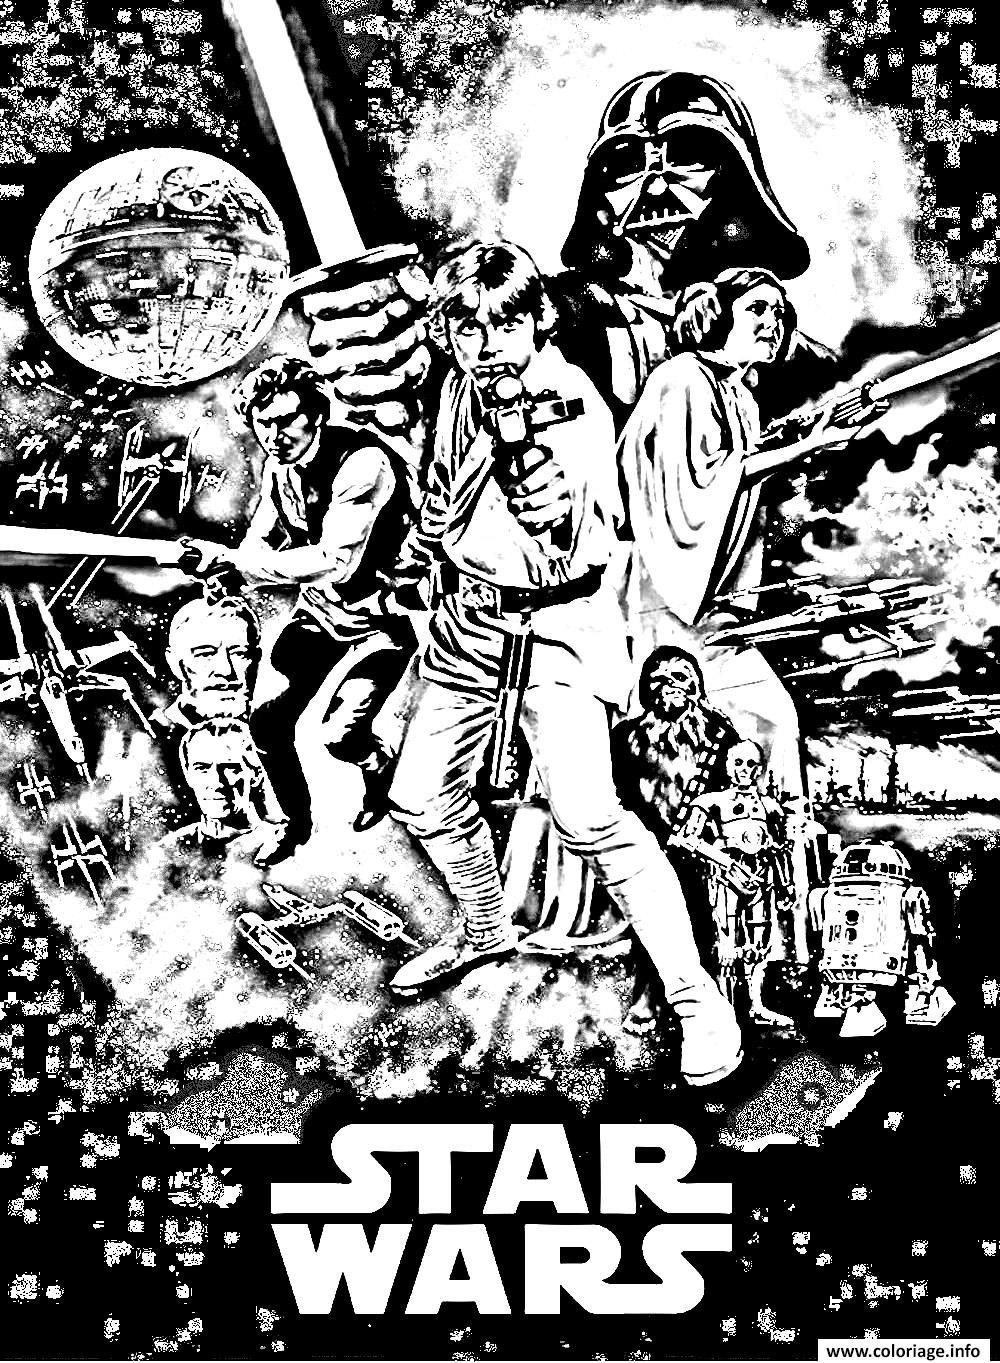 Dessin film star wars episode 4 Coloriage Gratuit à Imprimer